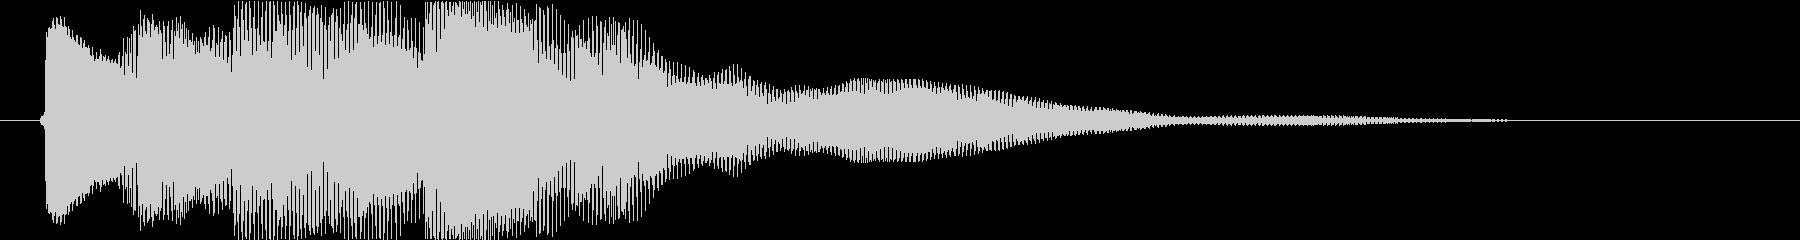 ピンポンピンポンピンポンの未再生の波形